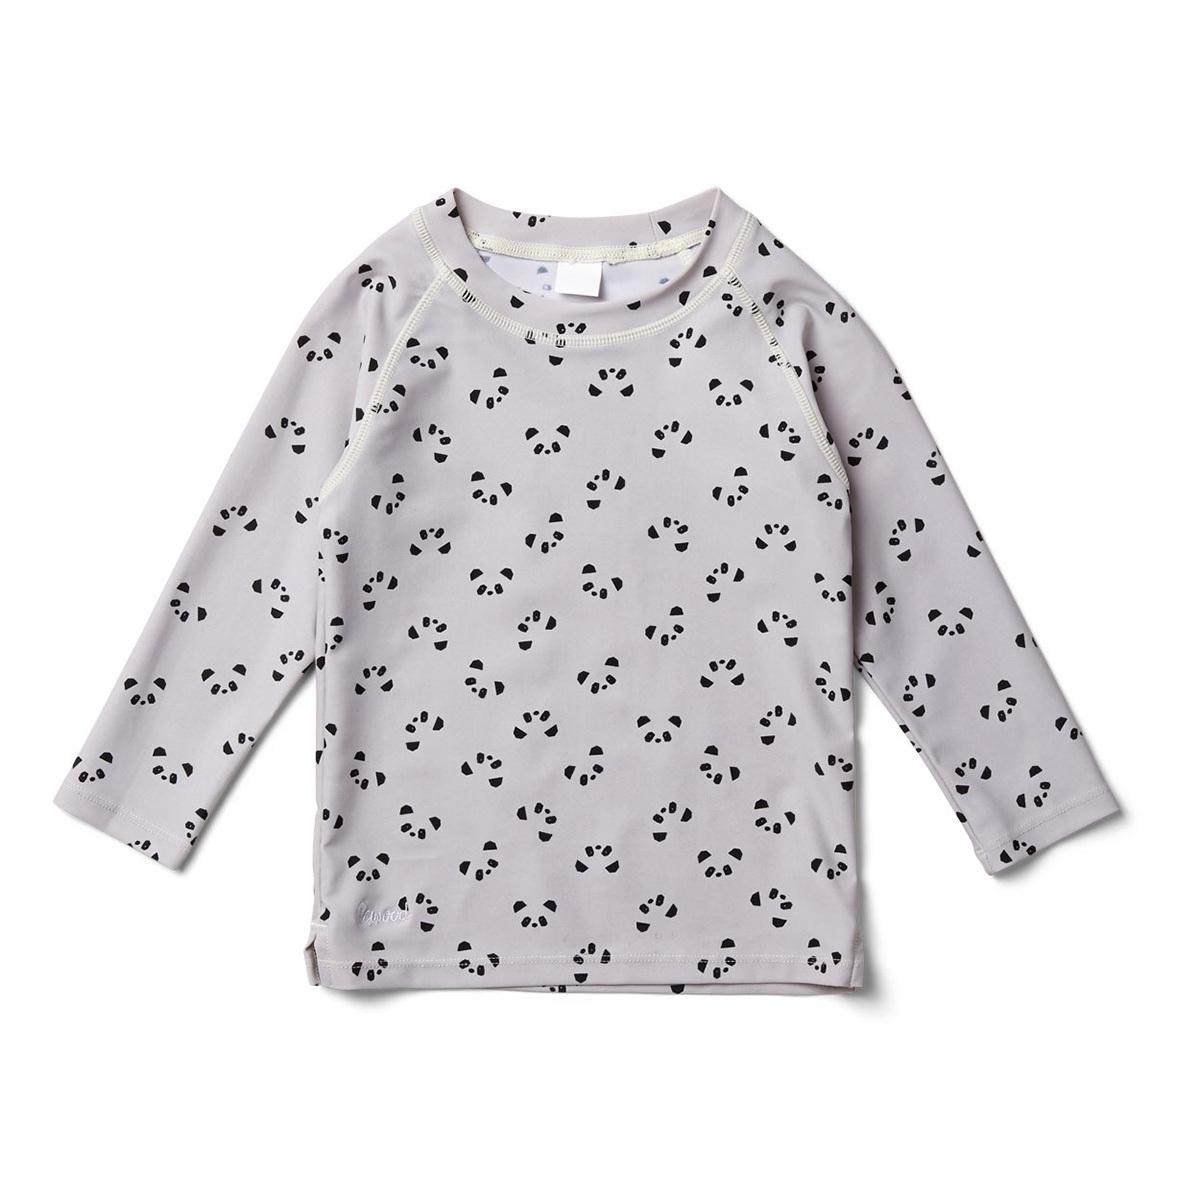 Accessoires bébé T-Shirt Noah - Panda Dumbo Grey - 2/3 Ans T-Shirt Noah - Panda Dumbo Grey - 2/3 Ans